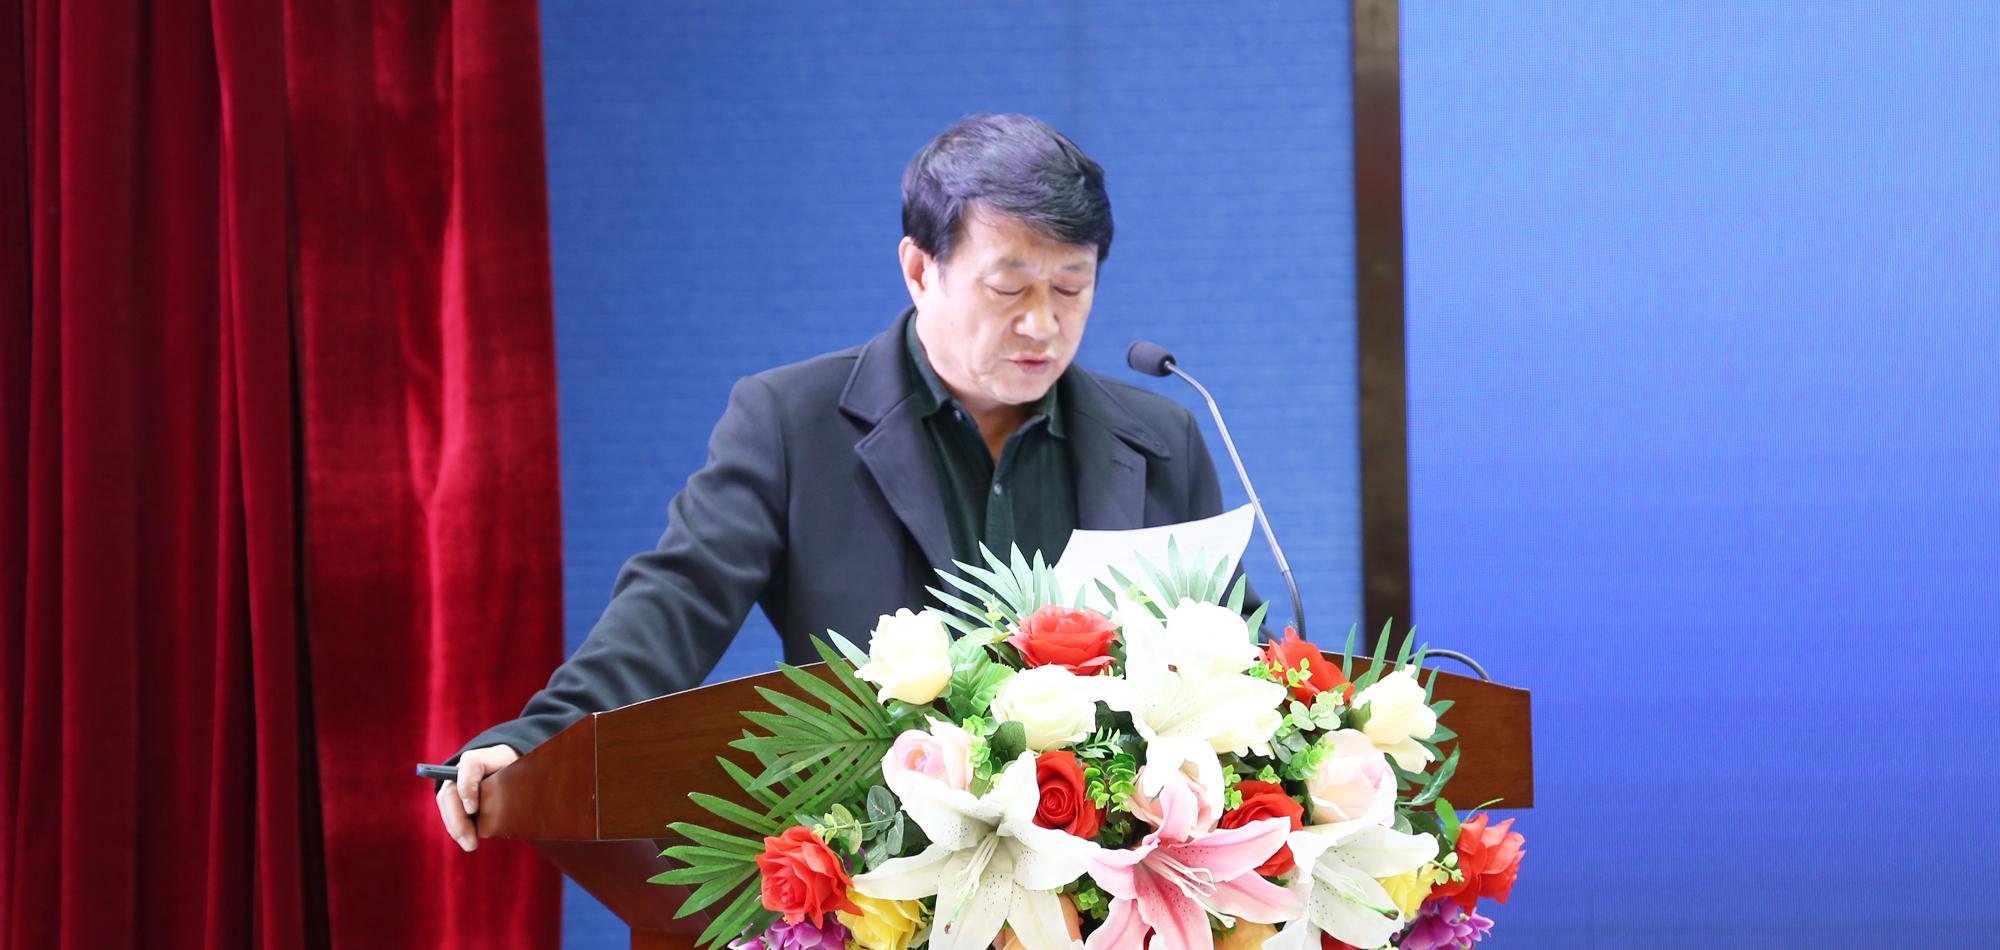 开幕式由联盟常务副理事长芦苇教授主持